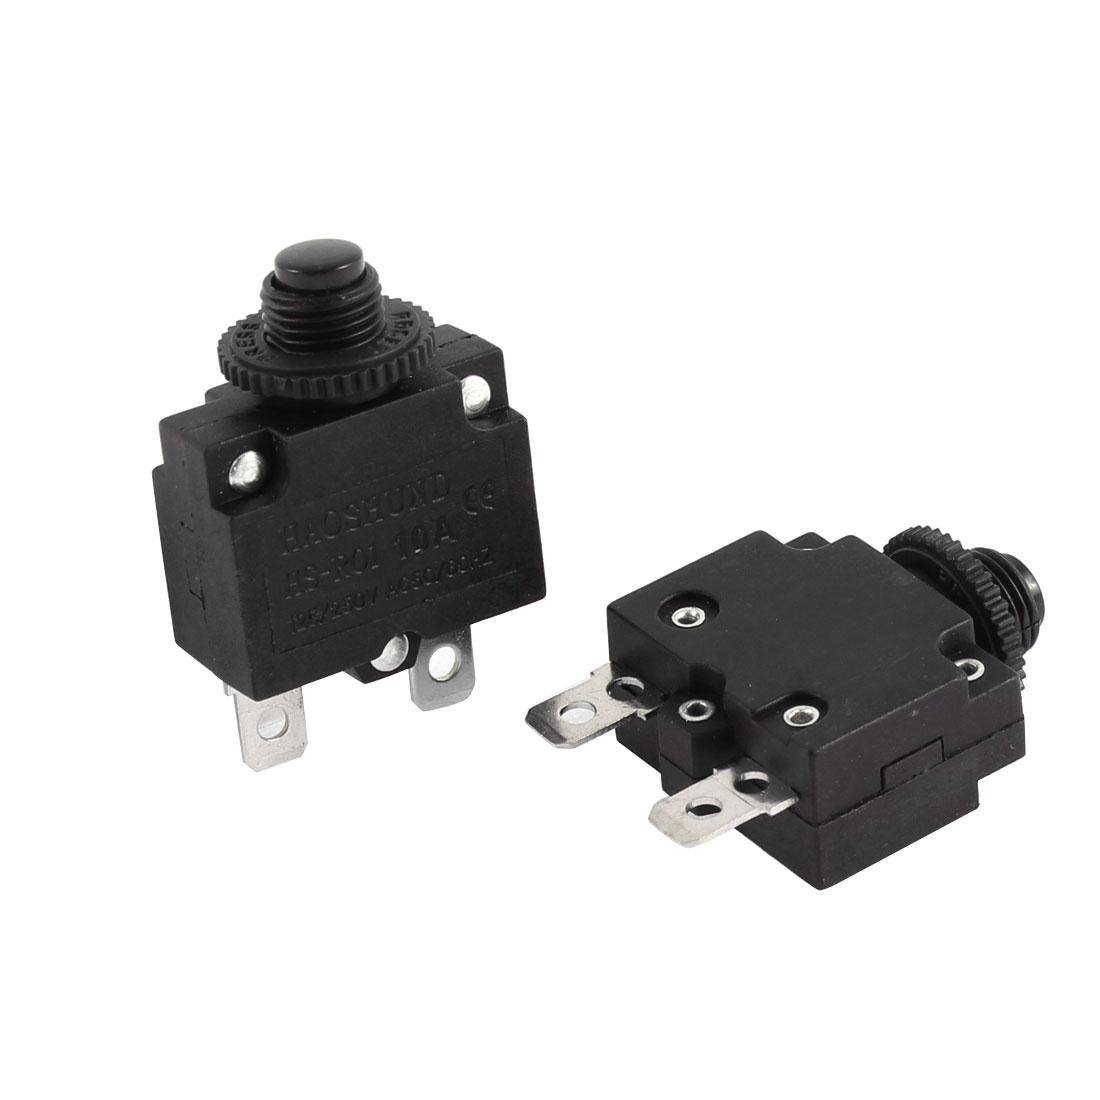 2 Pcs Air Compressor Circuit Breaker Overload Protector Black AC 125V/250V 10A